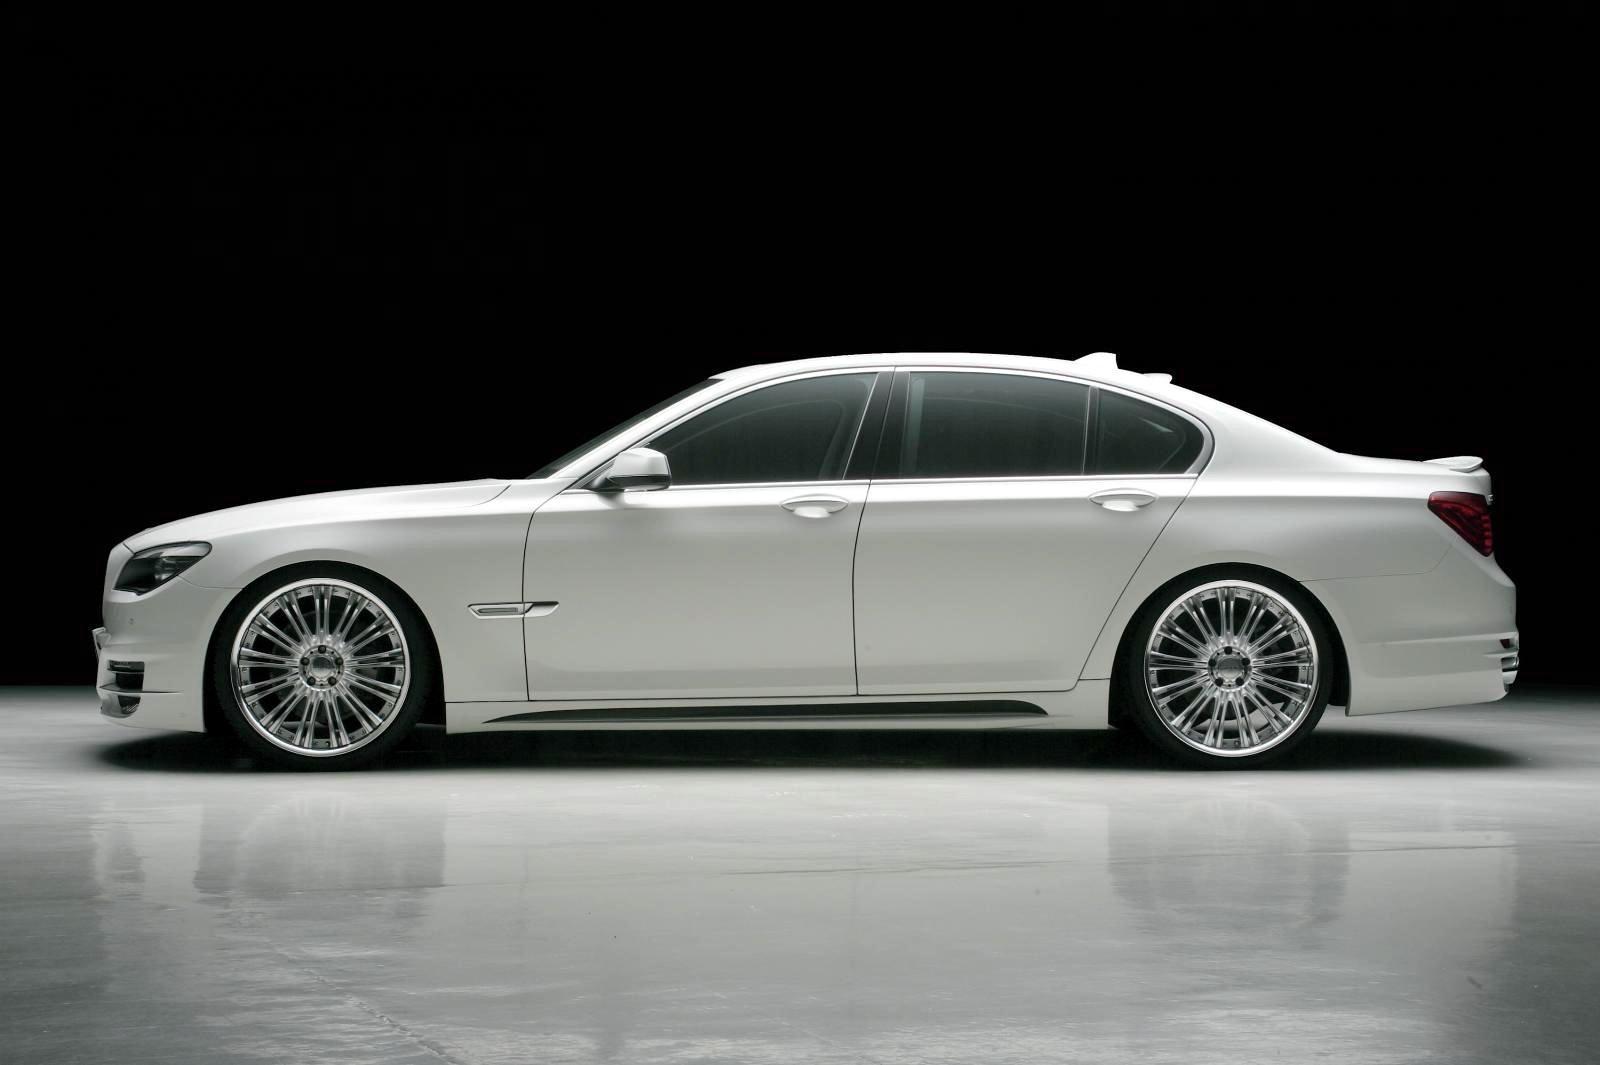 BMW 7-series F01/F02 получила обвес от Wald International